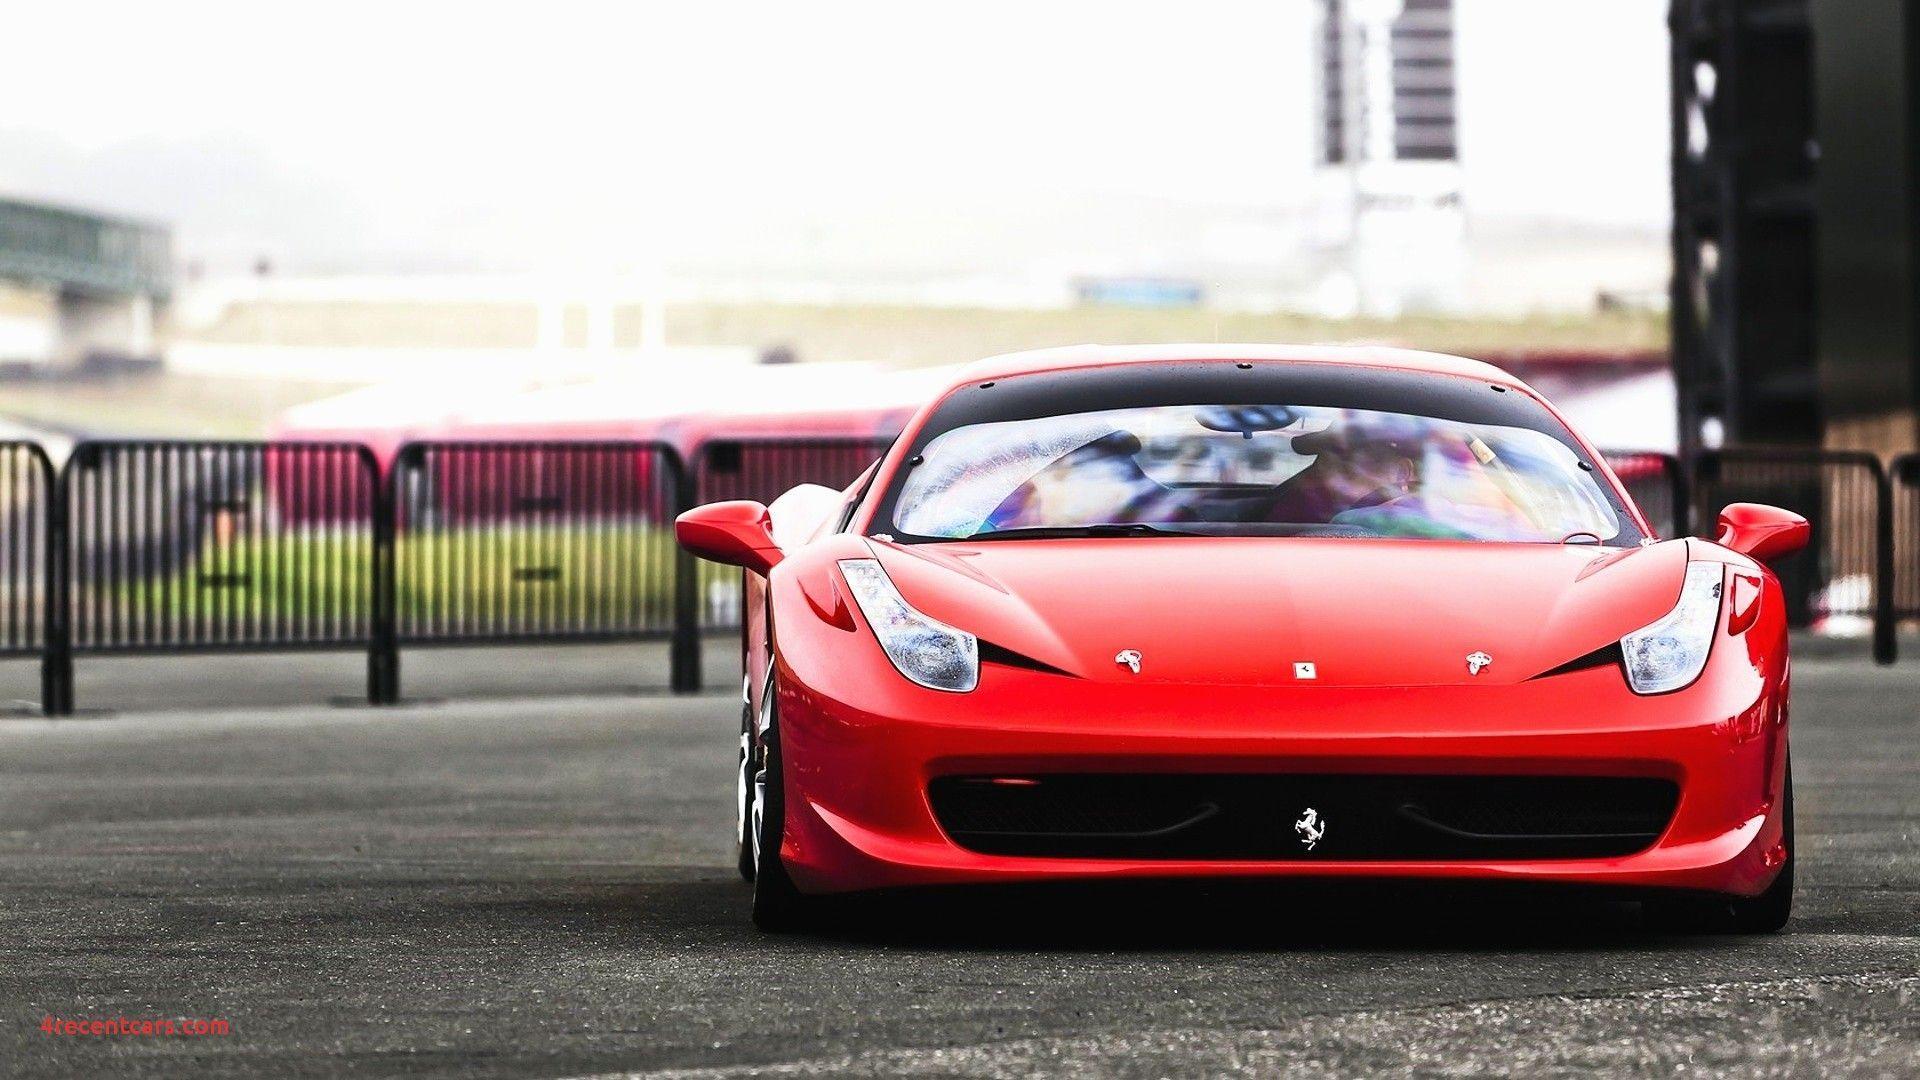 HD Ferrari Car Wallpapers 1080p - Wallpaper Cave